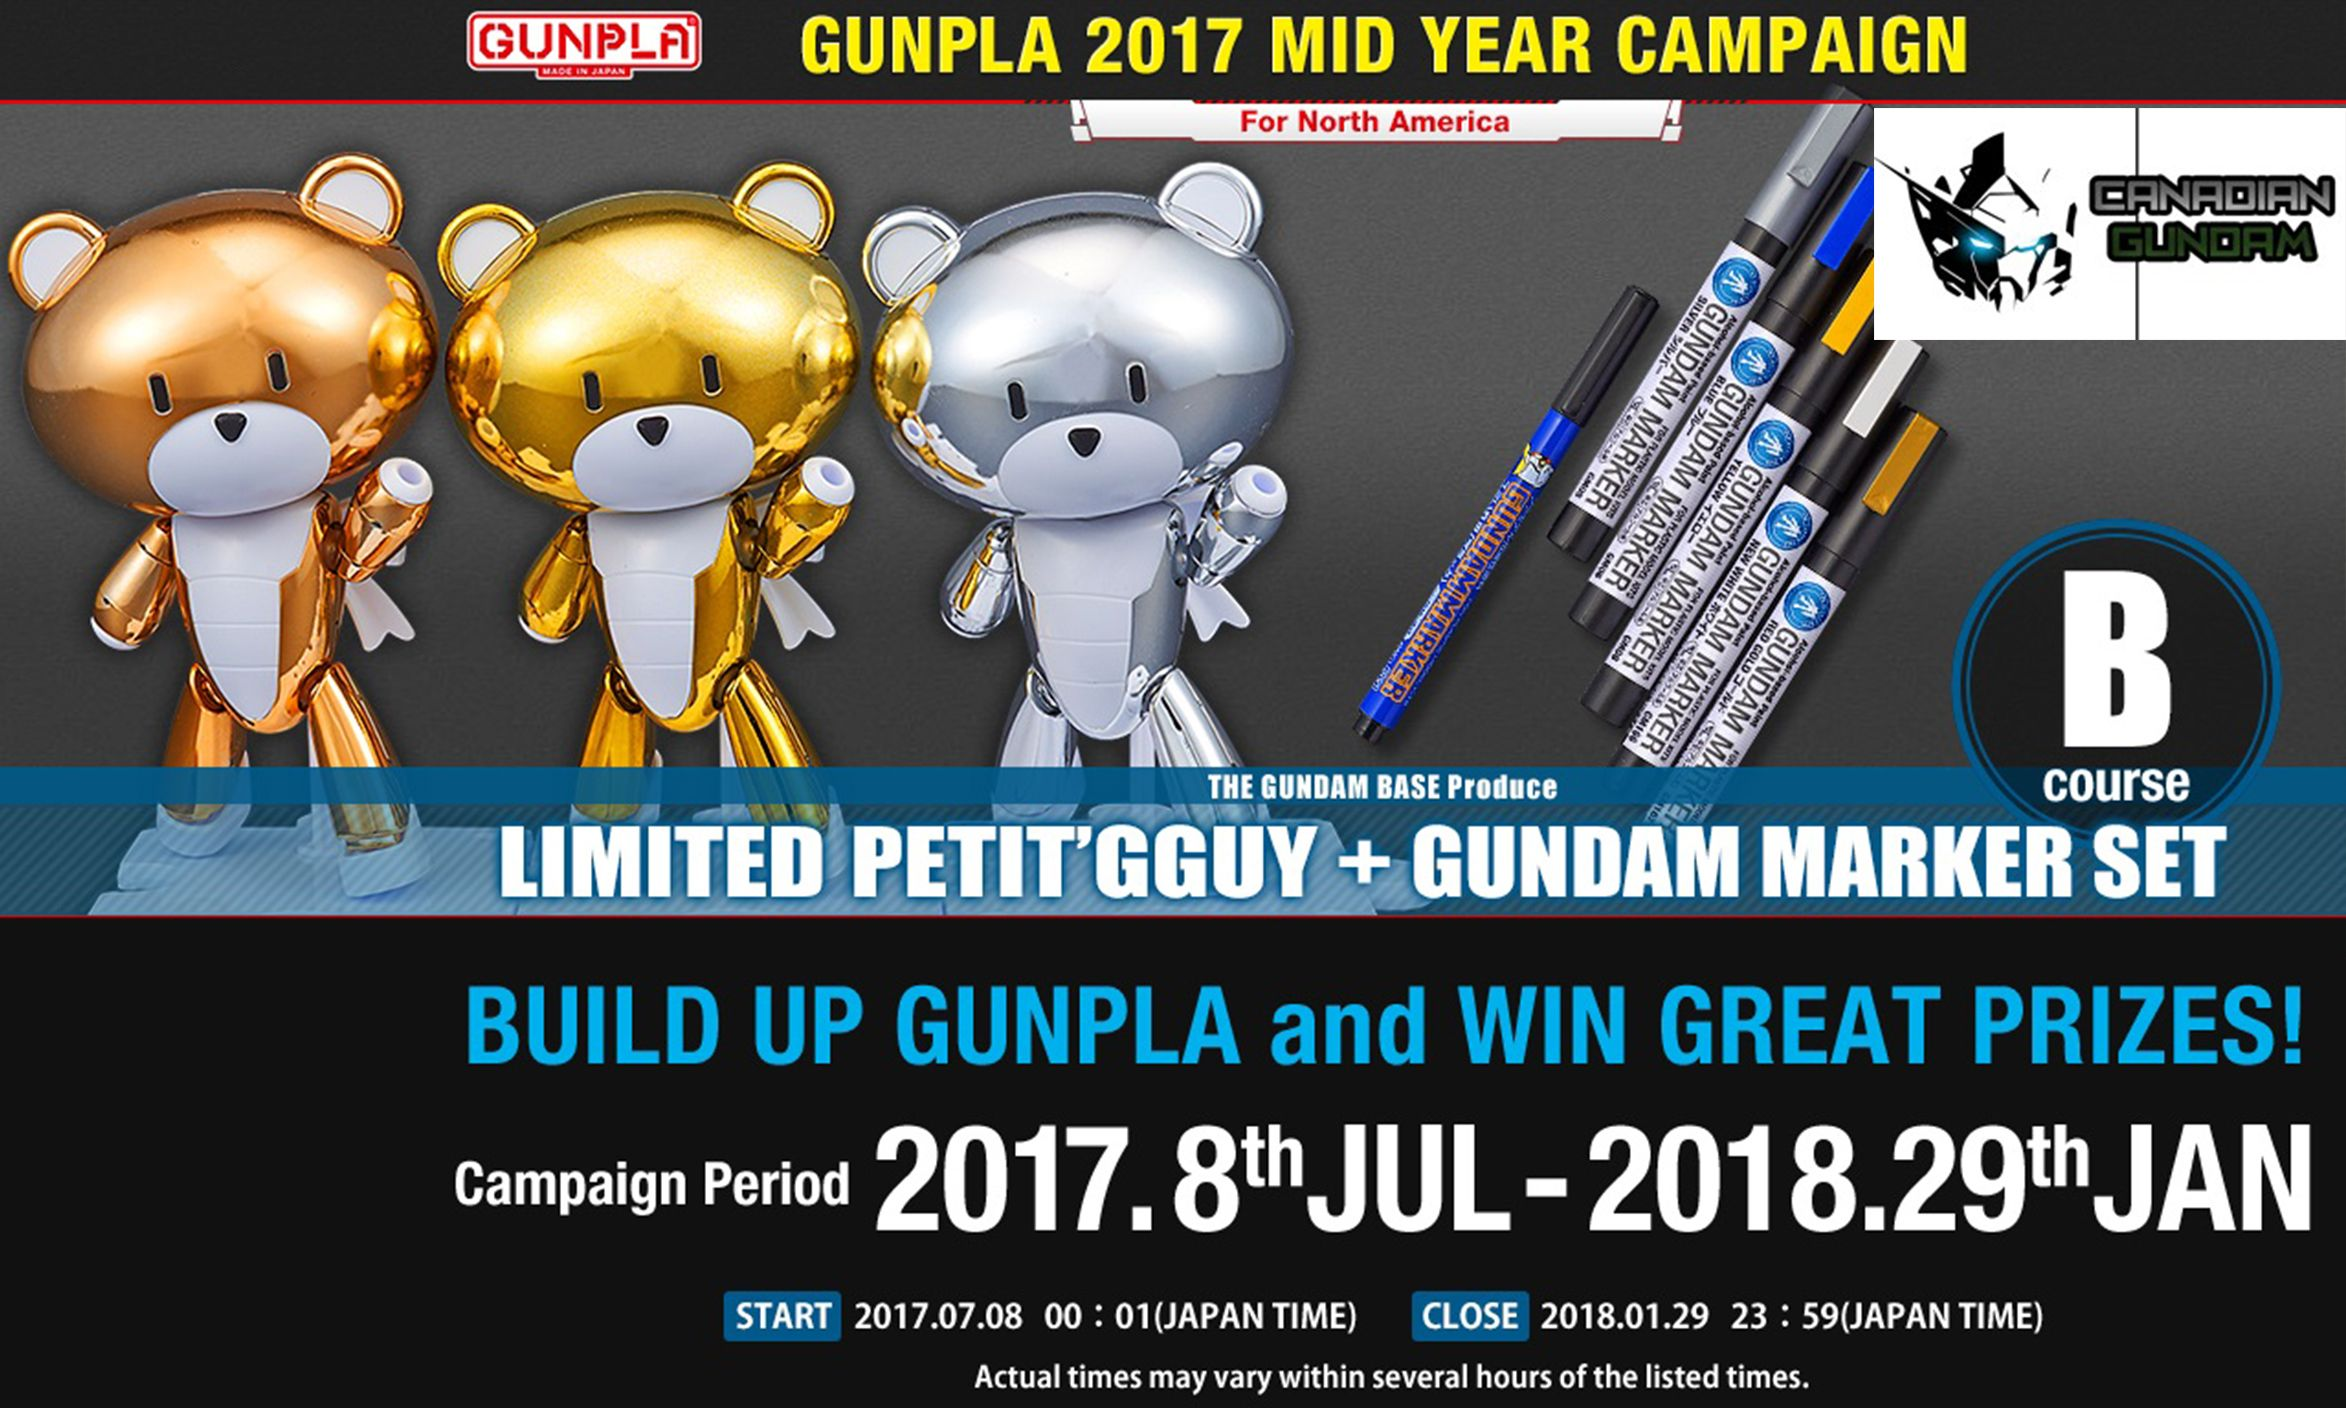 Canadian Gundam - GUNPLA 2017 MID YEAR CAMPAIGN!